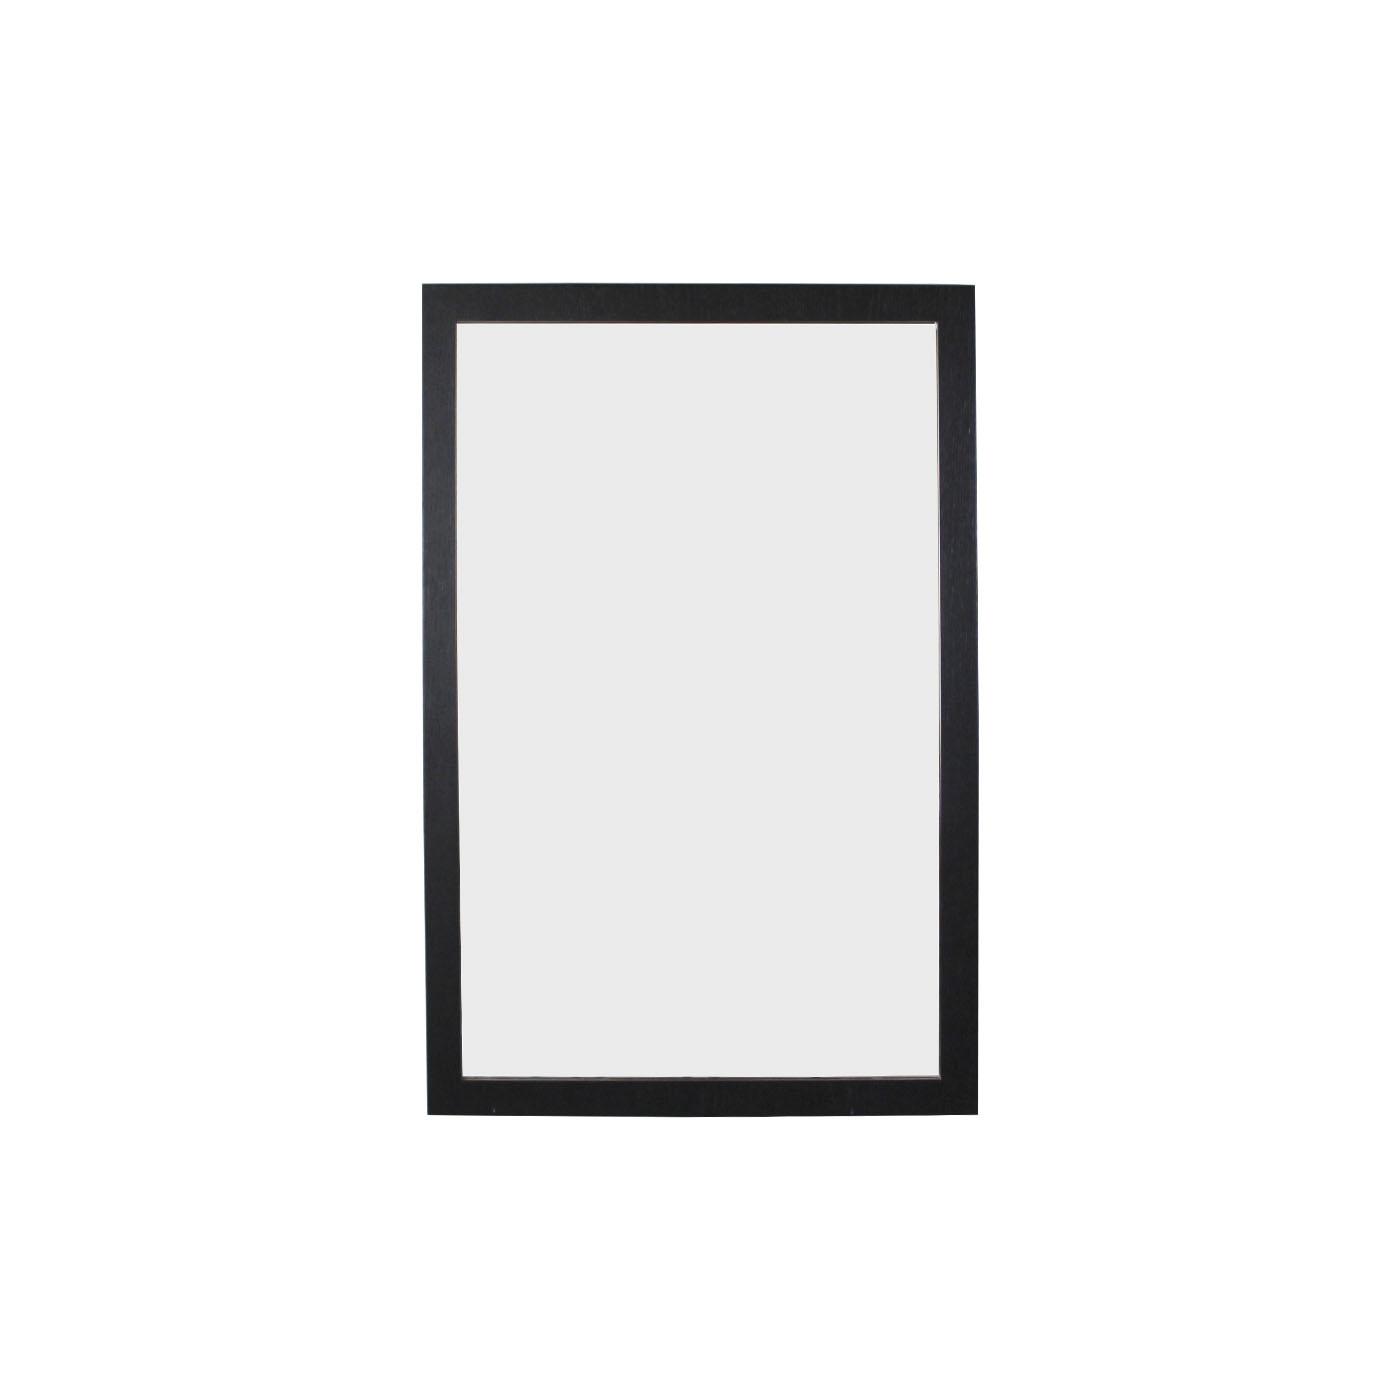 Knole Black Mirror